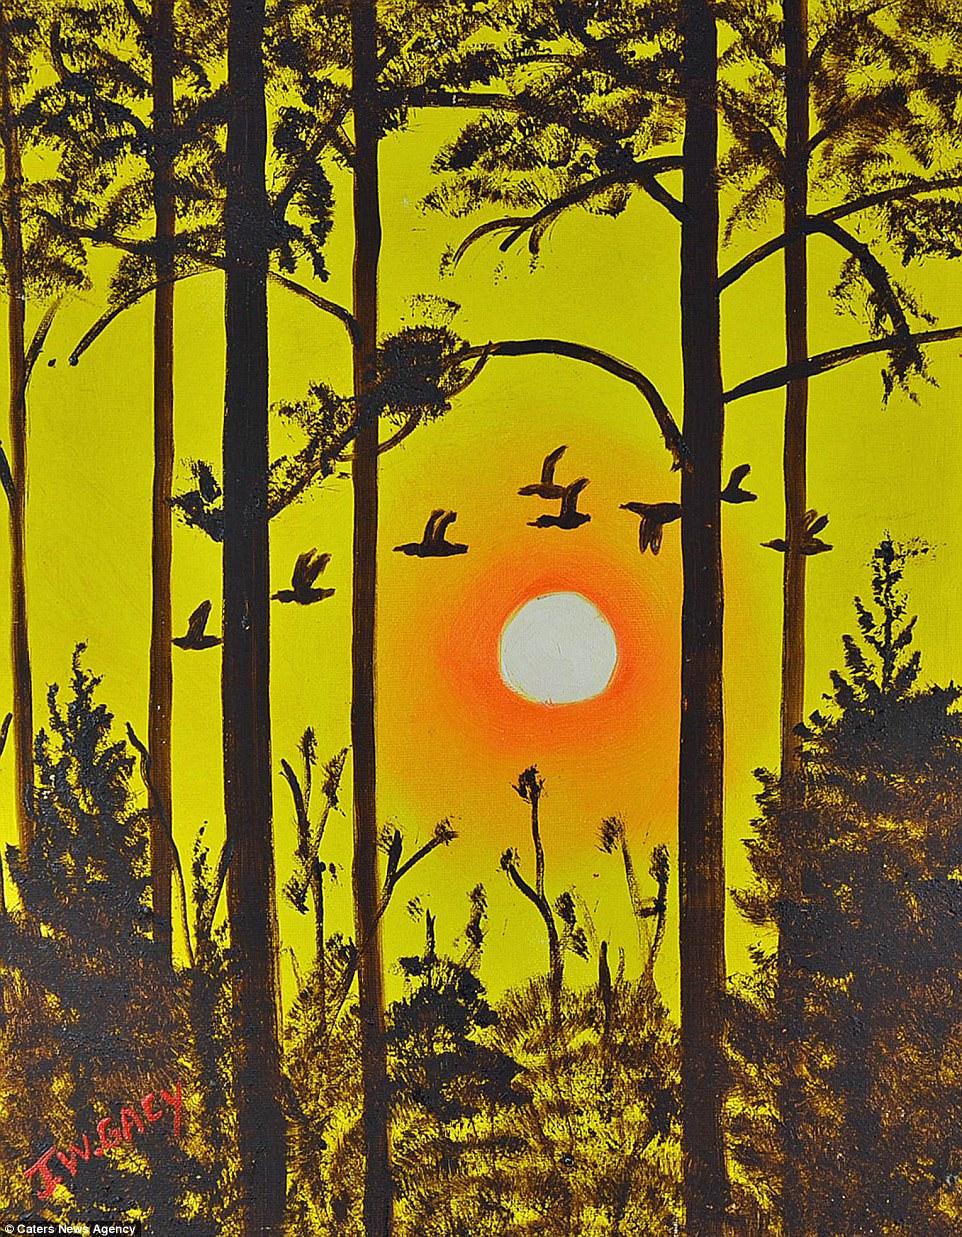 Esta rara pintura do serial killer John Wayne Gacy mostra pássaros voando sob o por-do-sol e é uma das várias pinturas do psicopata que vão a leilão.